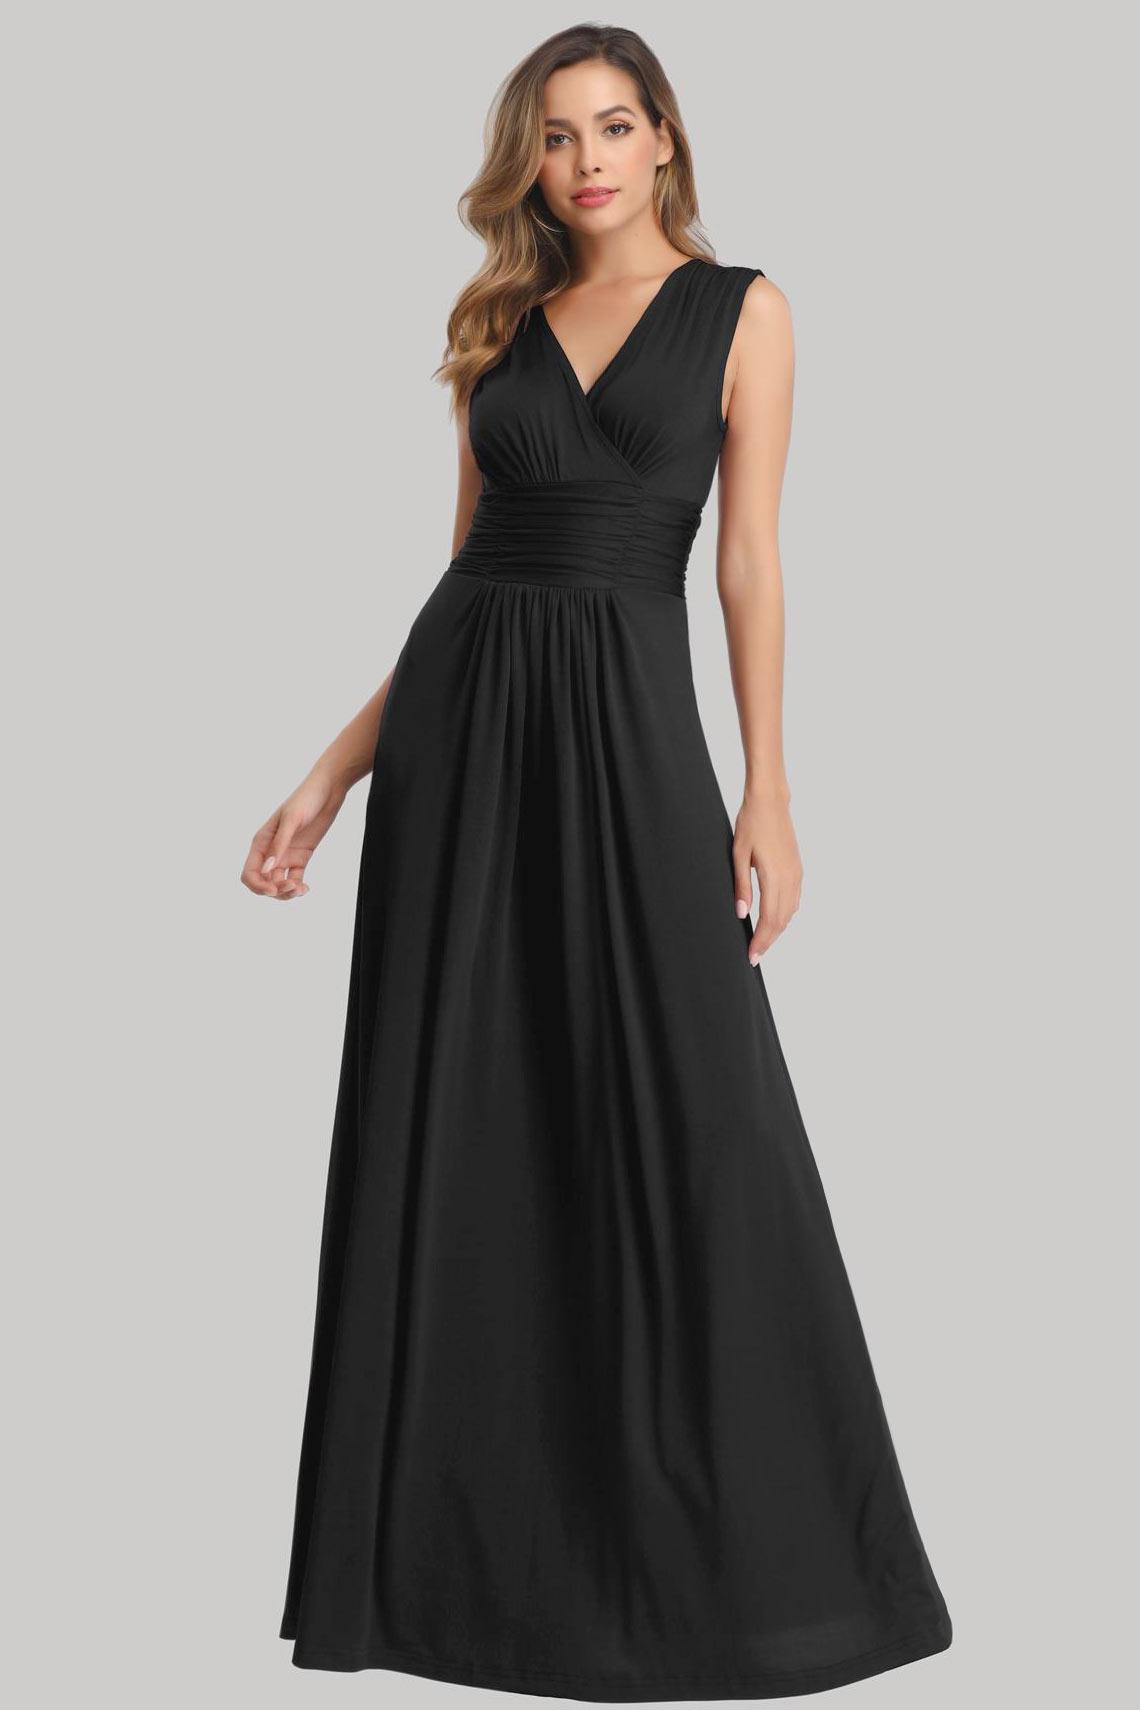 robe demoiselle d'honneur longue noire simple encolure v plissé